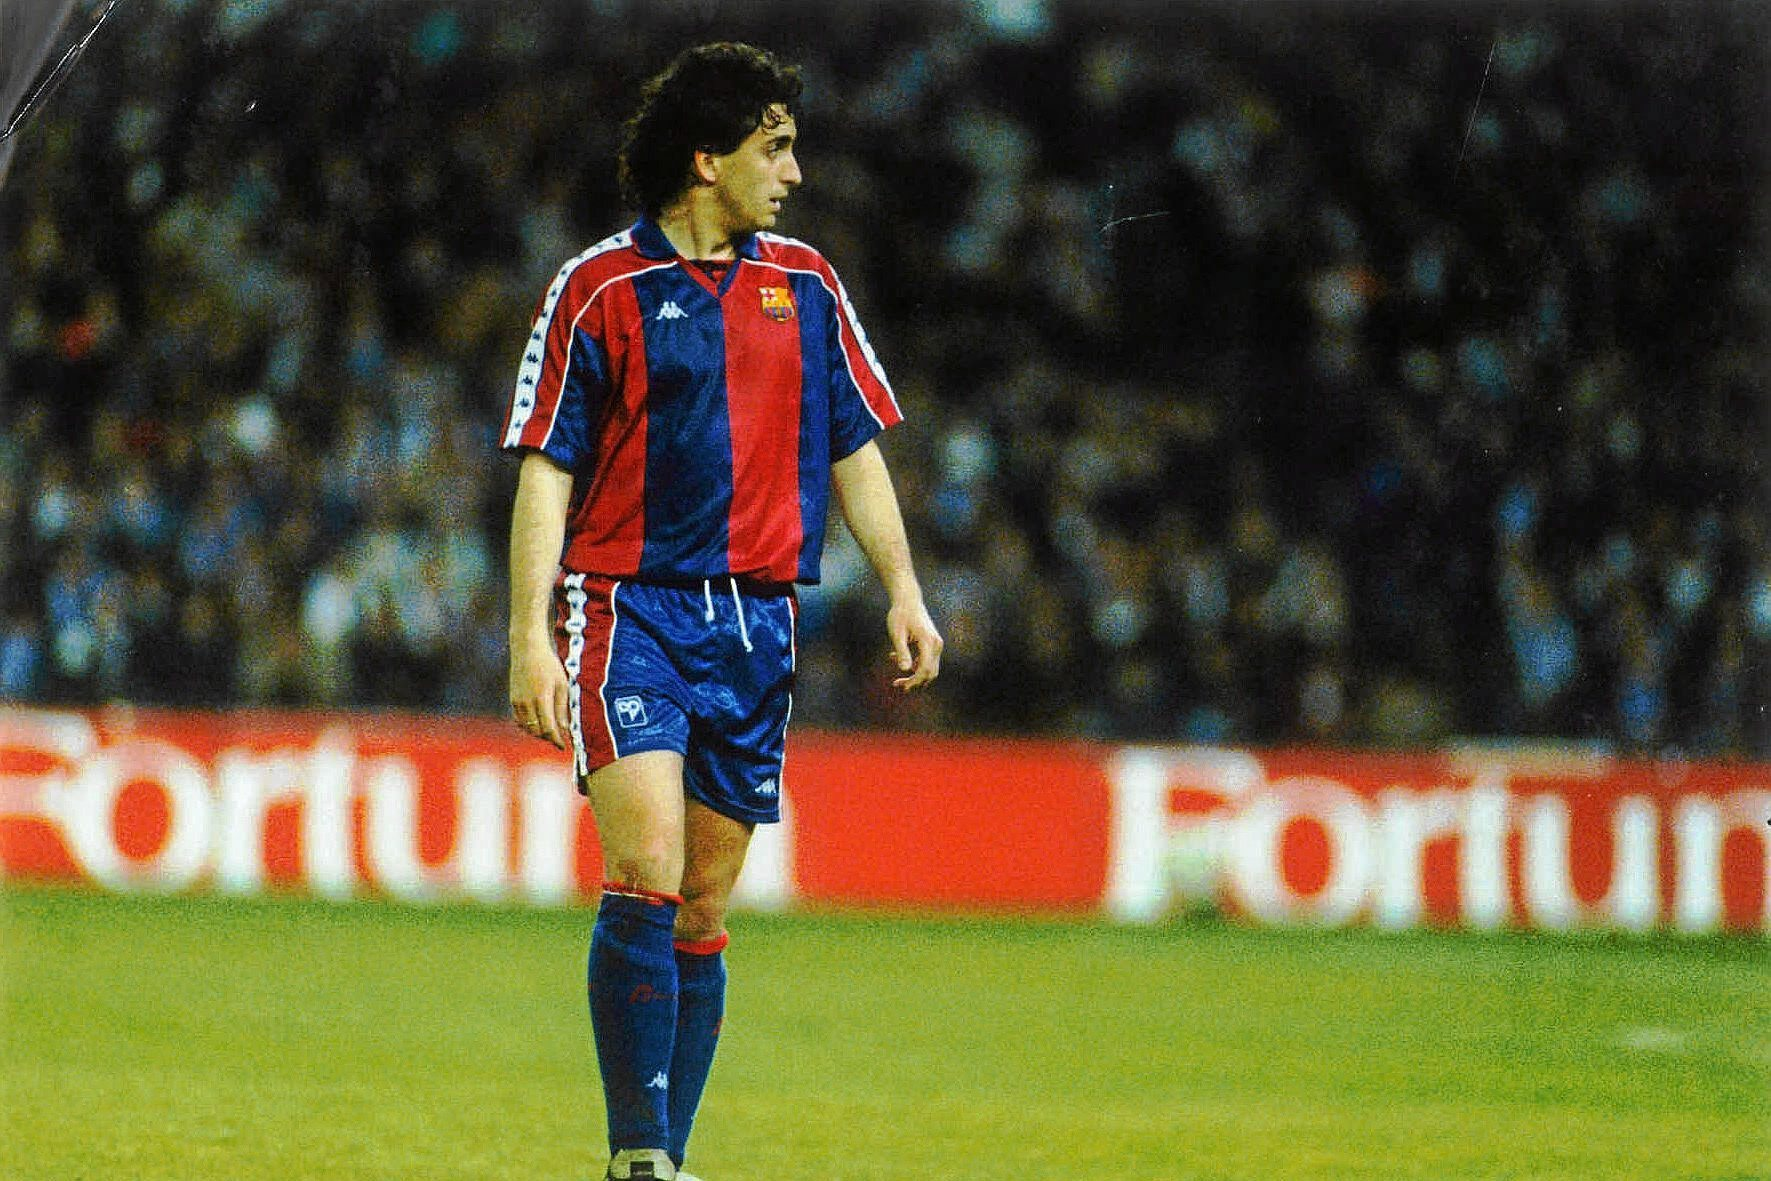 Pablo Alfaro, en su etapa de jugador del Barcelona la temporada 92/93